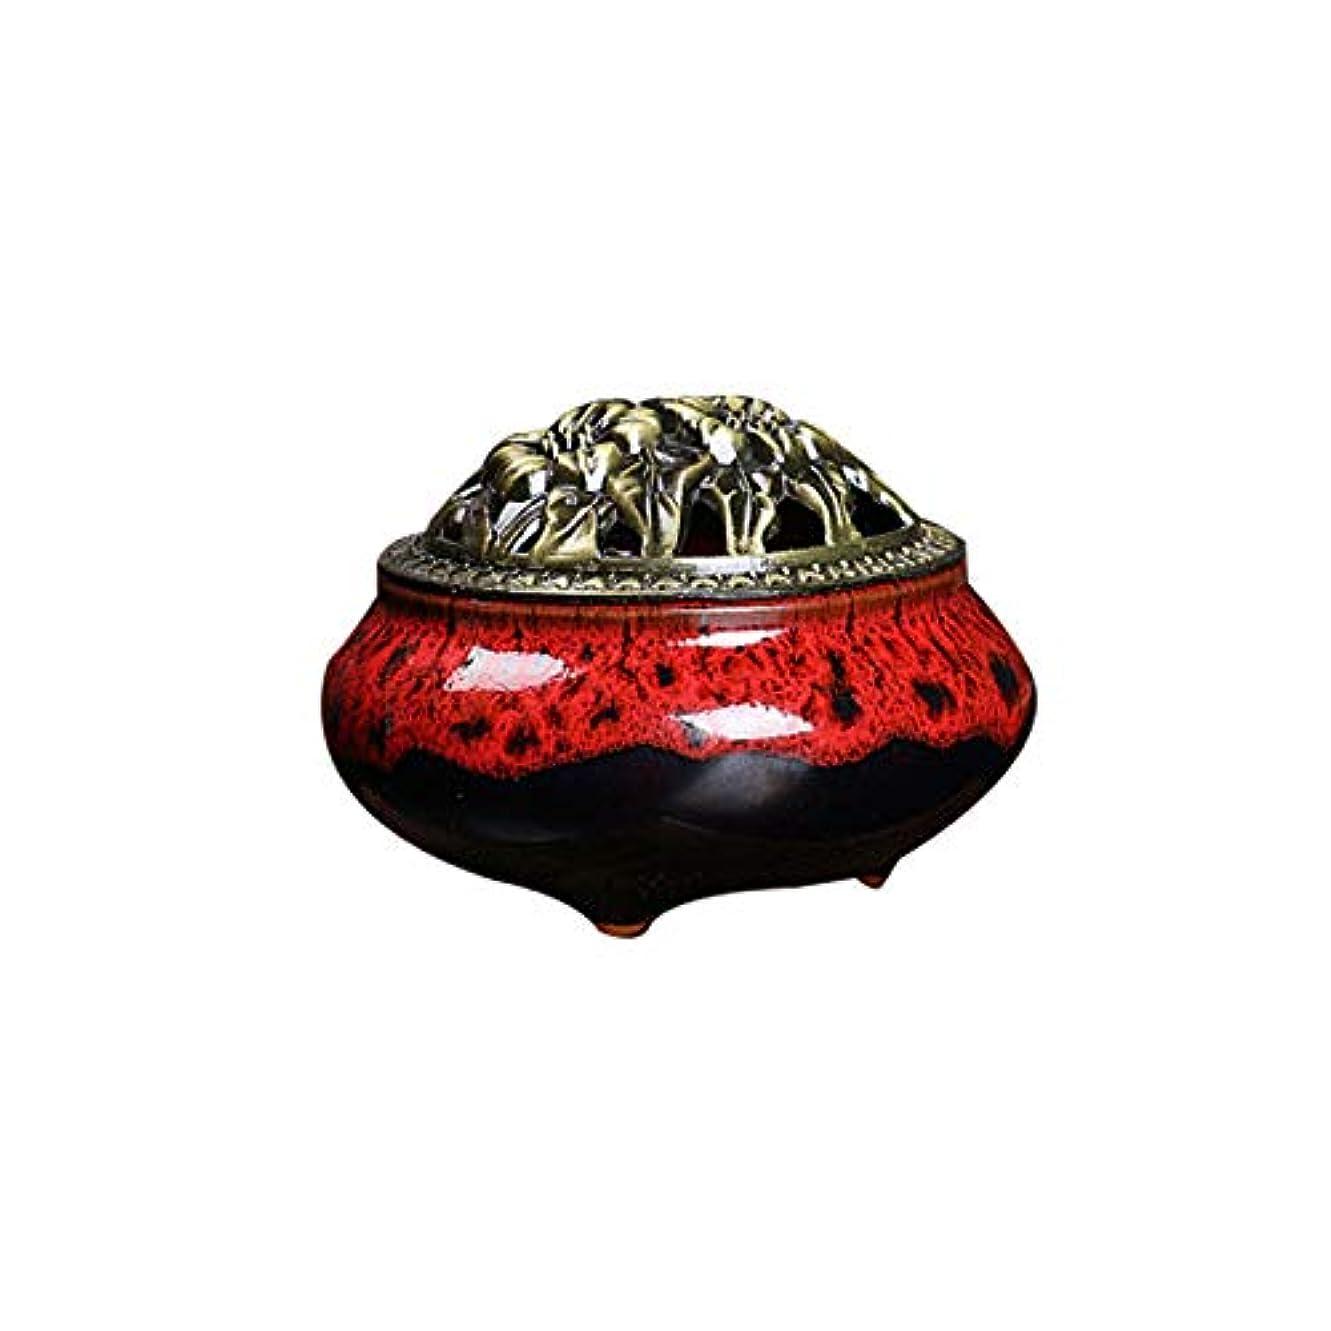 一般化するプレゼントコスチュームセラミック 家庭用 アロマセラピー 炉 氷 クラッキング 窯 アロマセラピー 炉 フレグランス コーン コイル 香炉 真鍮 ひょうたん 香炉